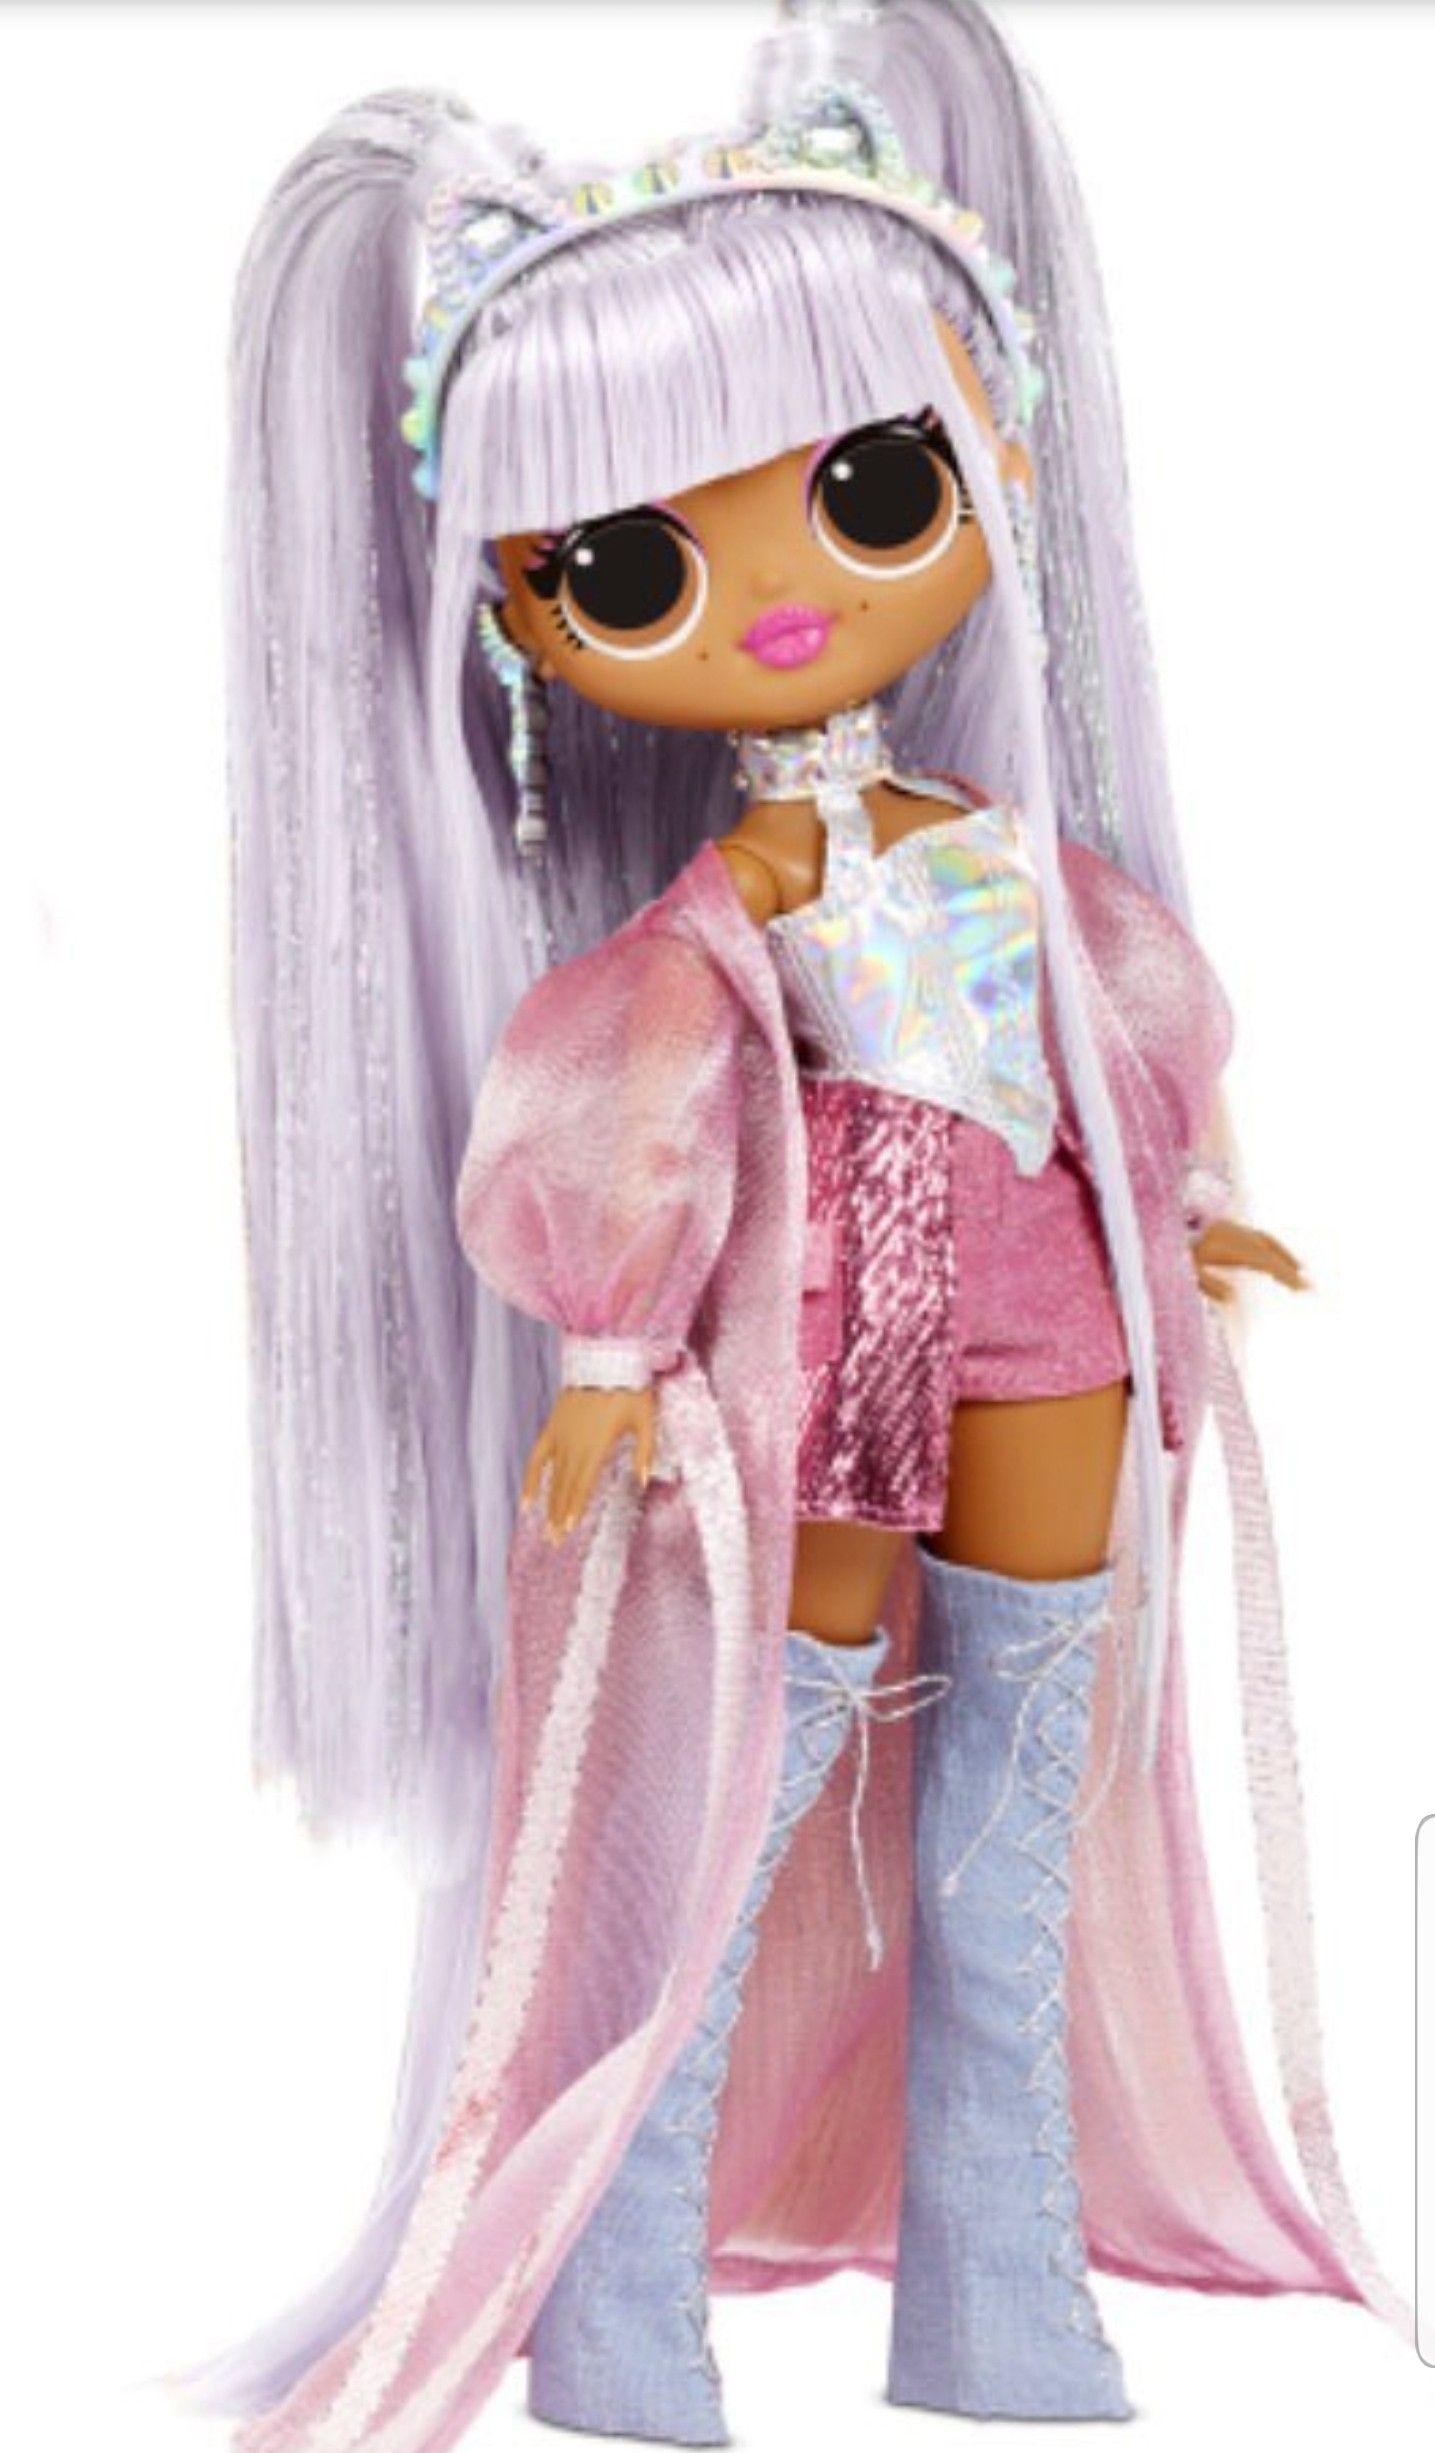 Kukla Omg Lol Kitty In 2020 Lol Dolls Fashion Dolls Cute Dolls